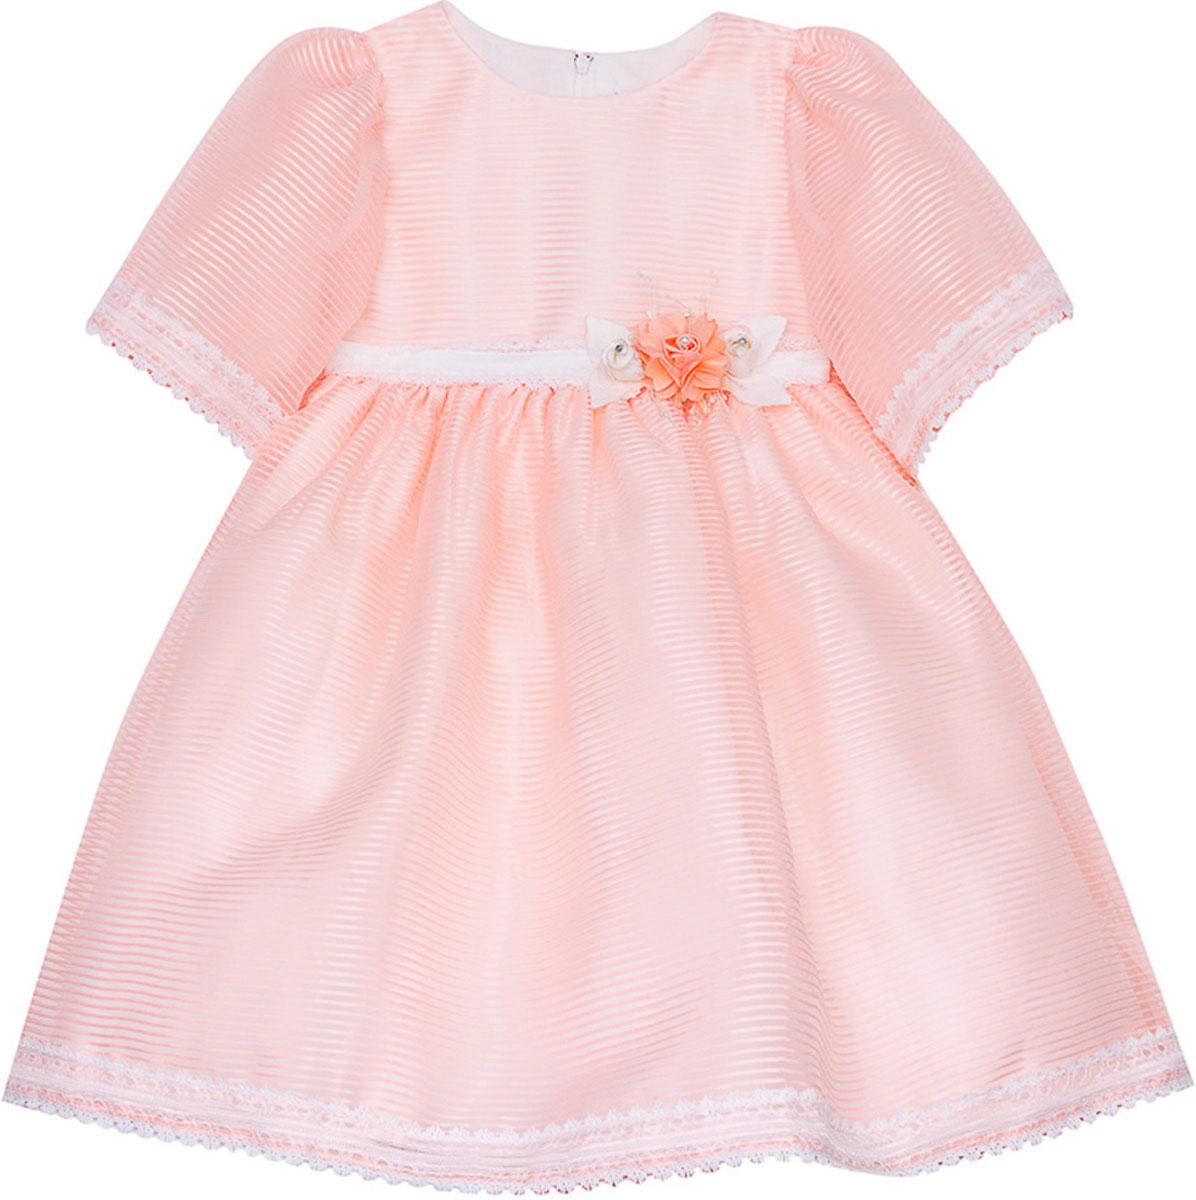 Платье для девочки Vitacci, цвет: розовый. 2171407-11. Размер 802171407-11